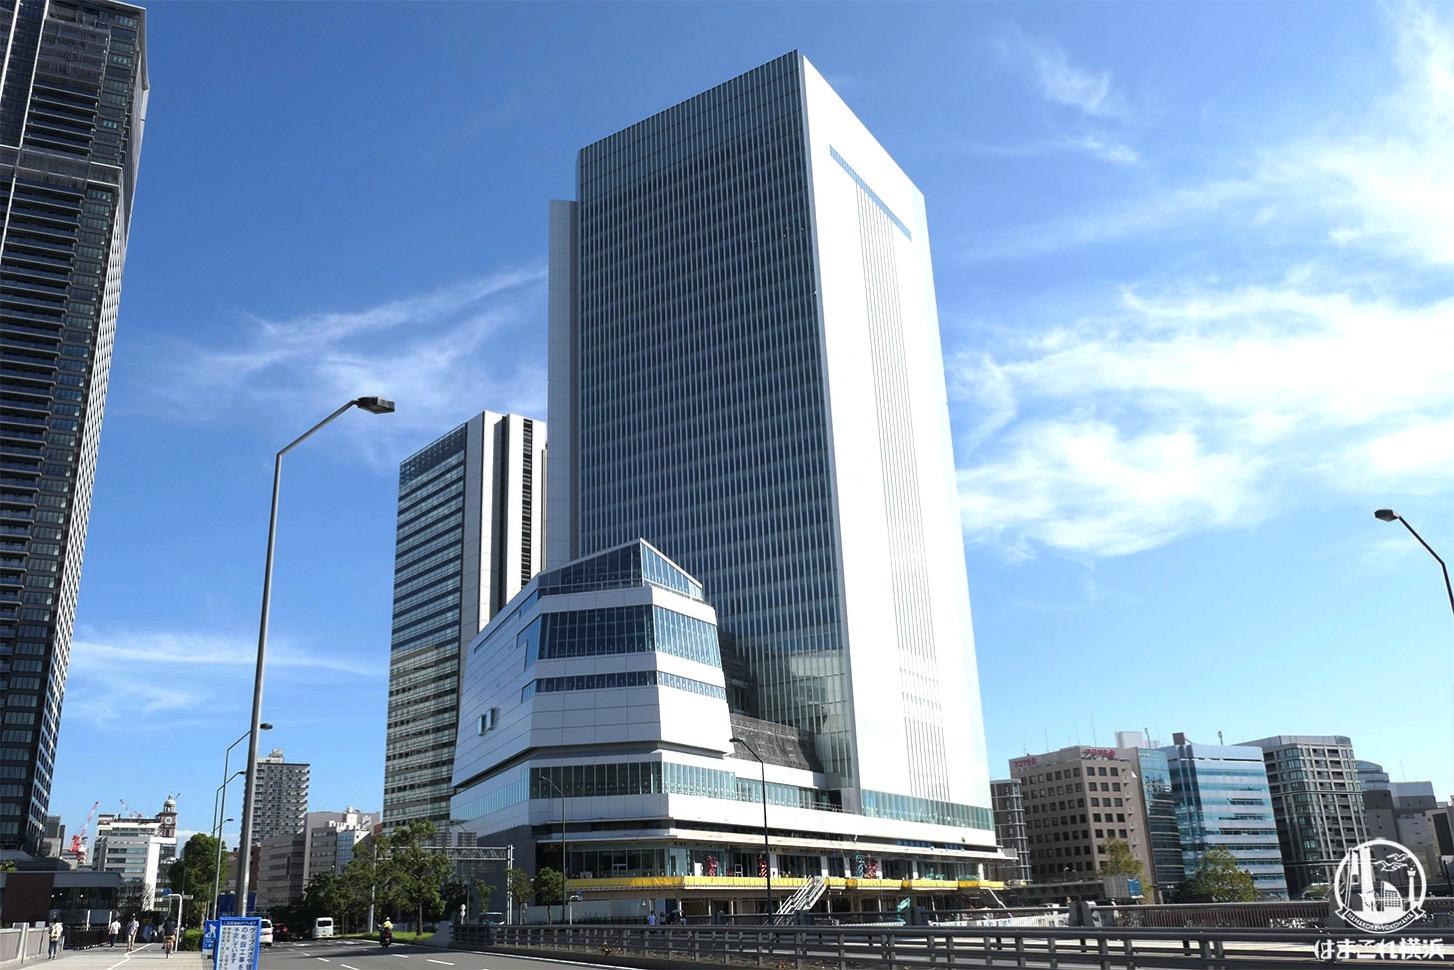 2020年 市民が選ぶ「横浜10大ニュース」が決定!1位は新しい生活様式